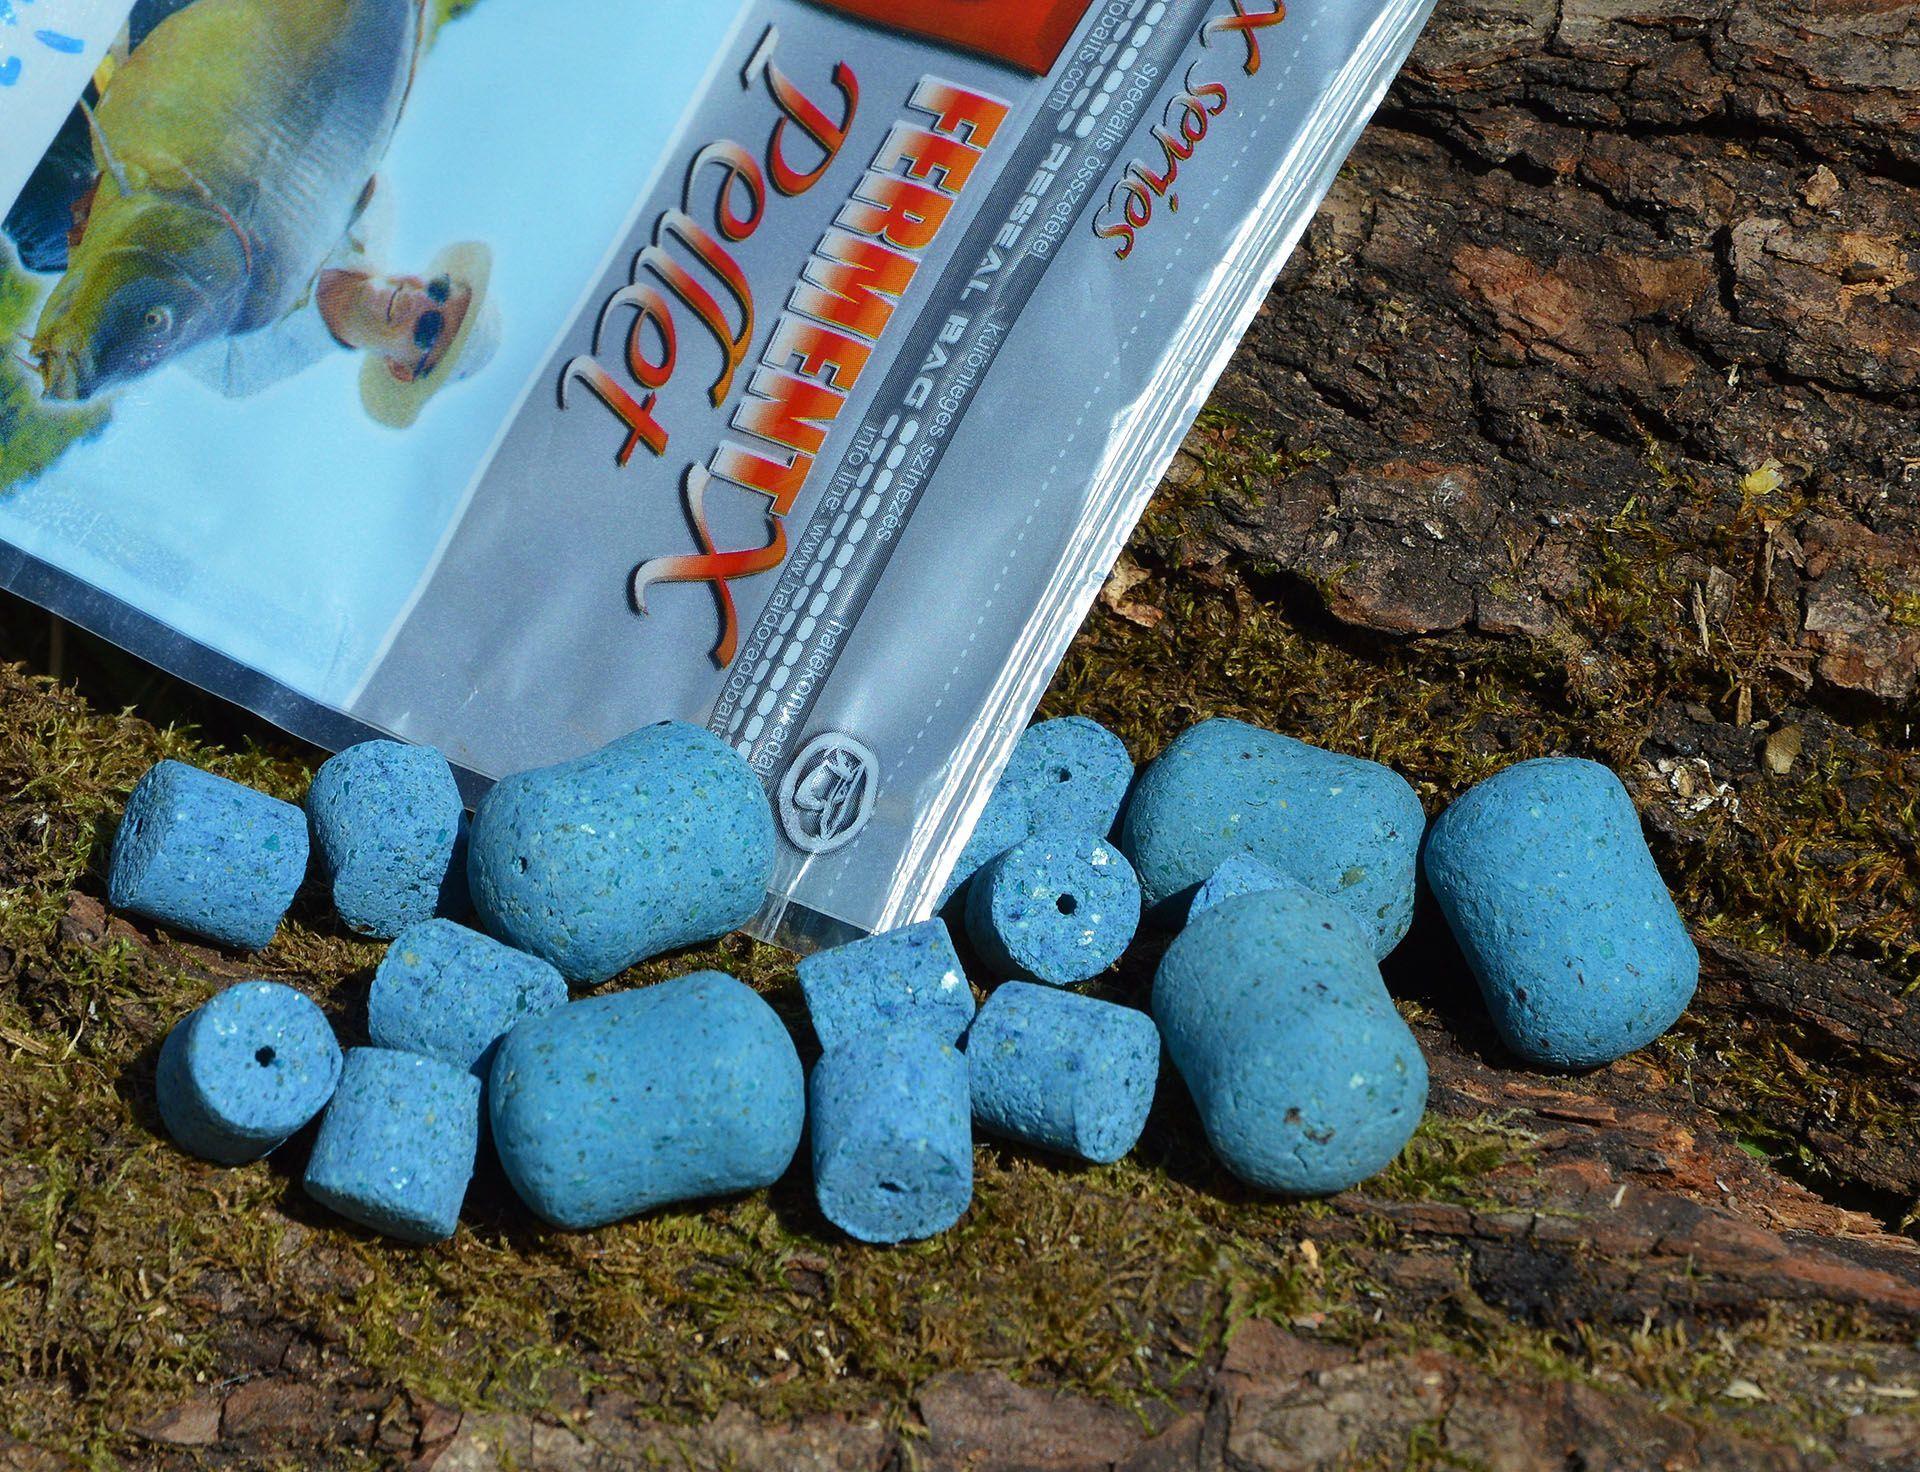 A Tejsavas Kék Fúzió termékek rendkívül biztató eredményeket hoztak, méltó folytatásai lesznek a neves palettának!